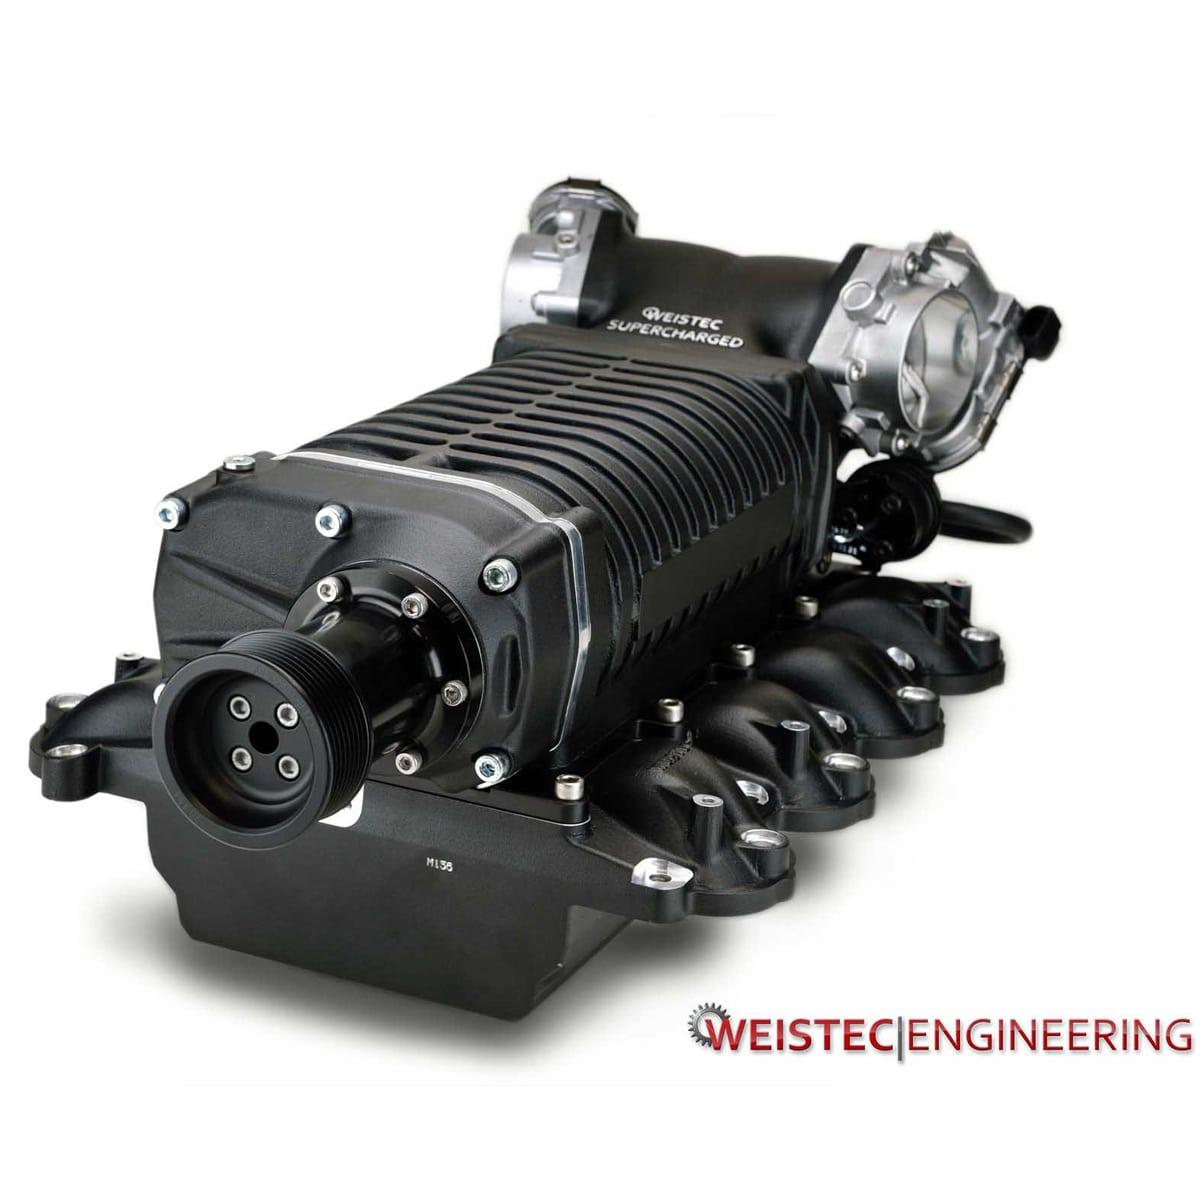 TOP LEVEL MOTORSPORT – ДИЛЕР WEISTEC ENGINEERING: КОМПРЕССОРНЫЕ СИСТЕМЫ ДЛЯ MERCEDES 63 AMG